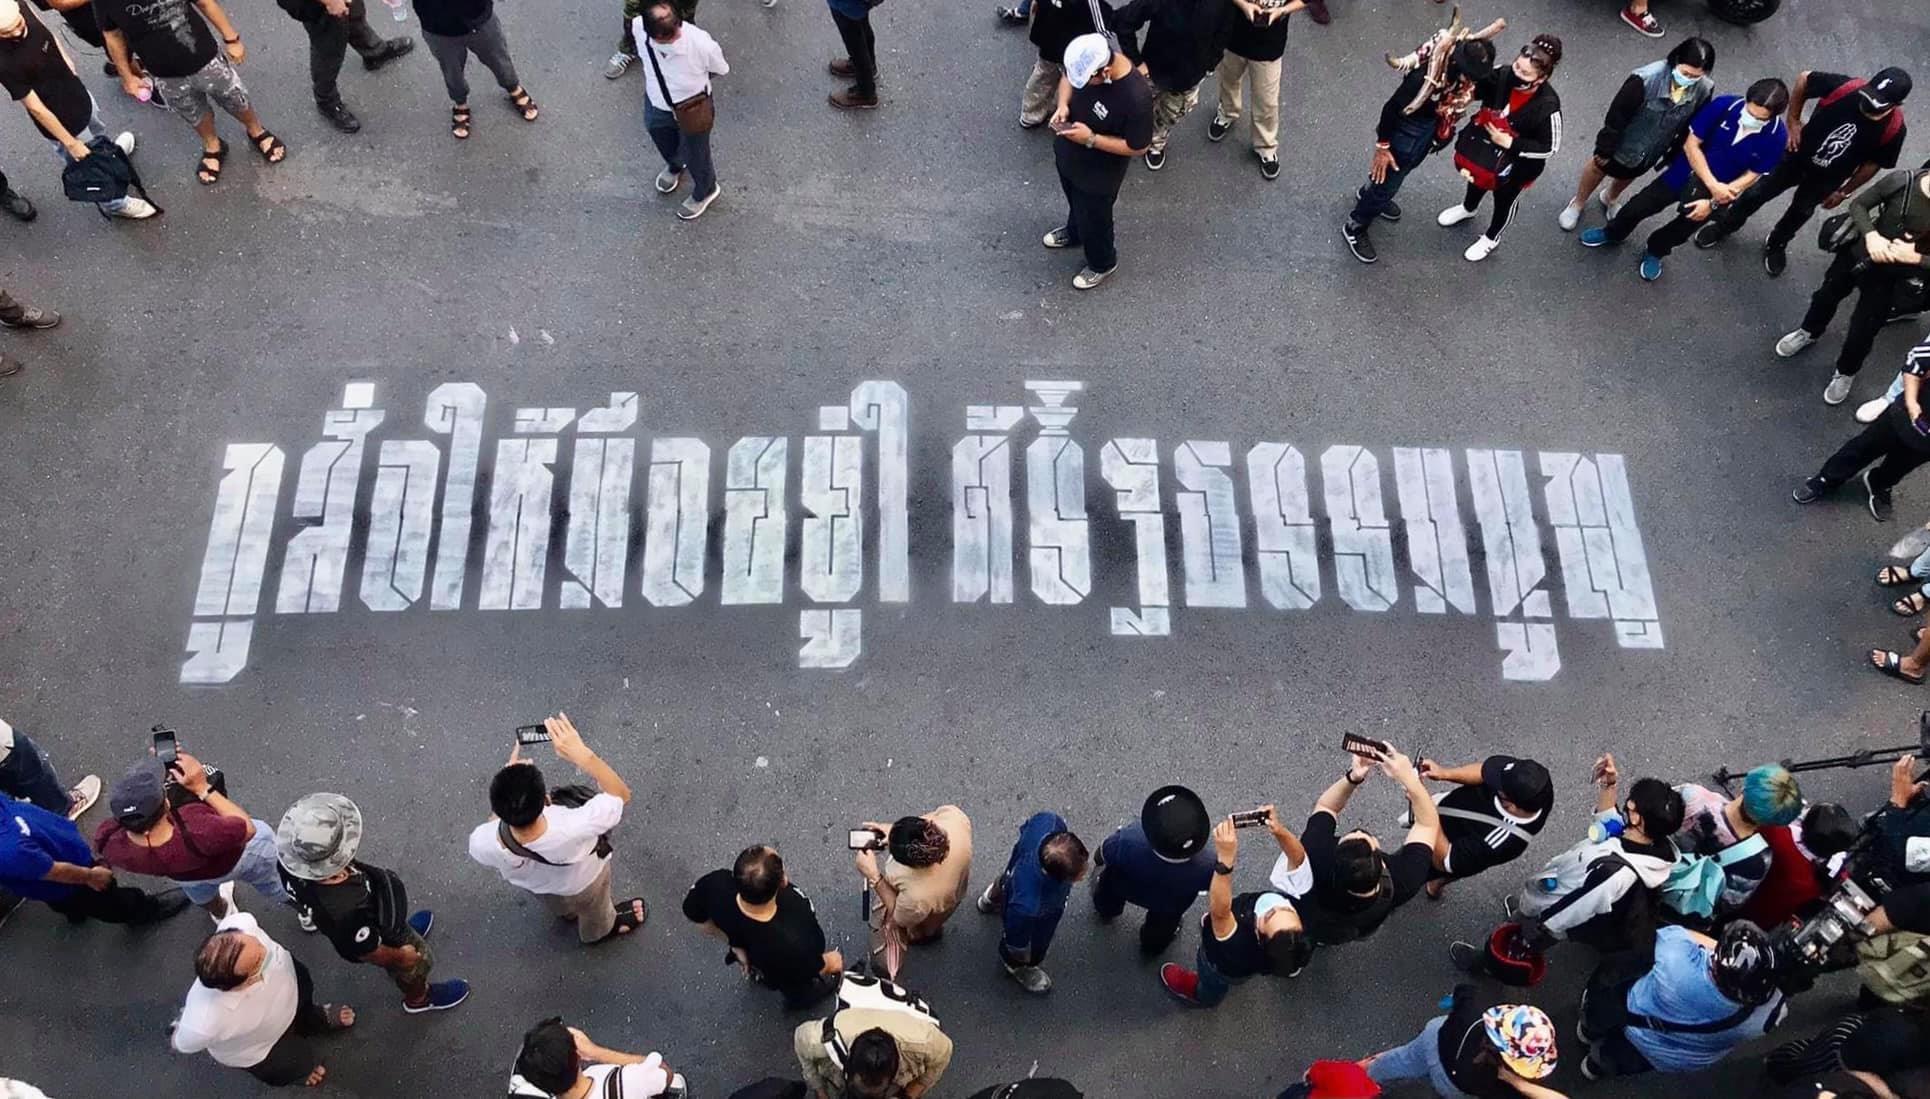 泰國示威者不滿iLaw 修憲草案被否決在街頭塗鴉表達訴求(圖片來源:Free YOUTH))